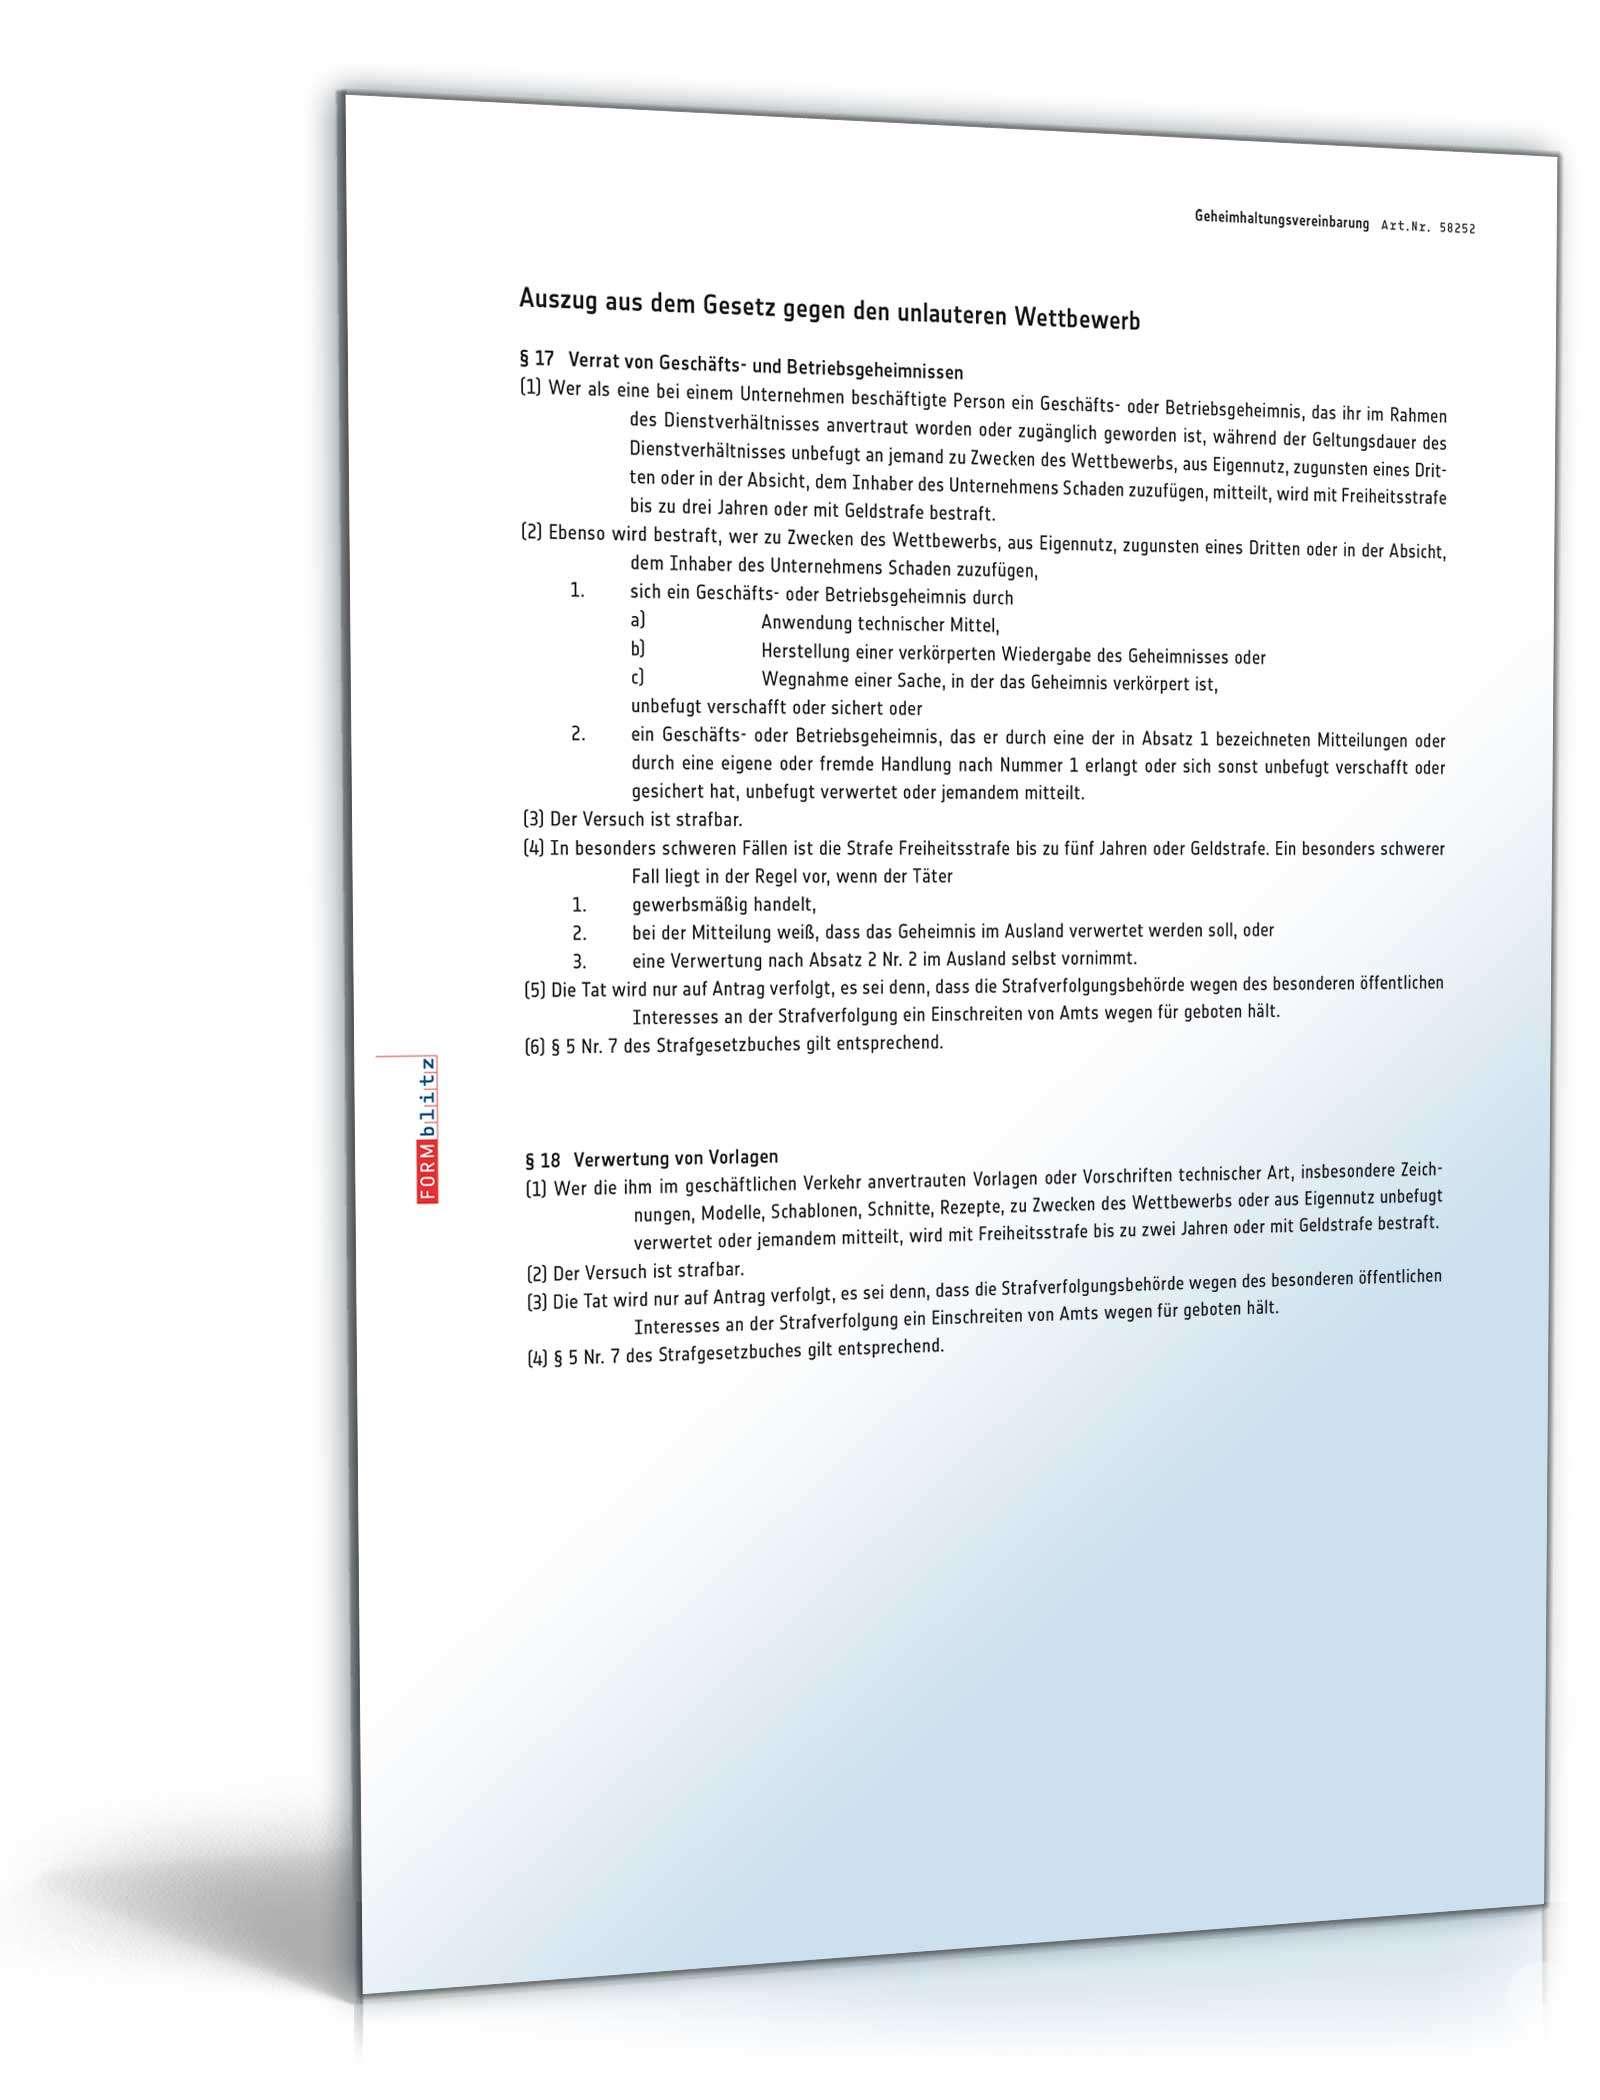 Charmant Vorlage Für Gegenseitige Vertraulichkeitsvereinbarung ...